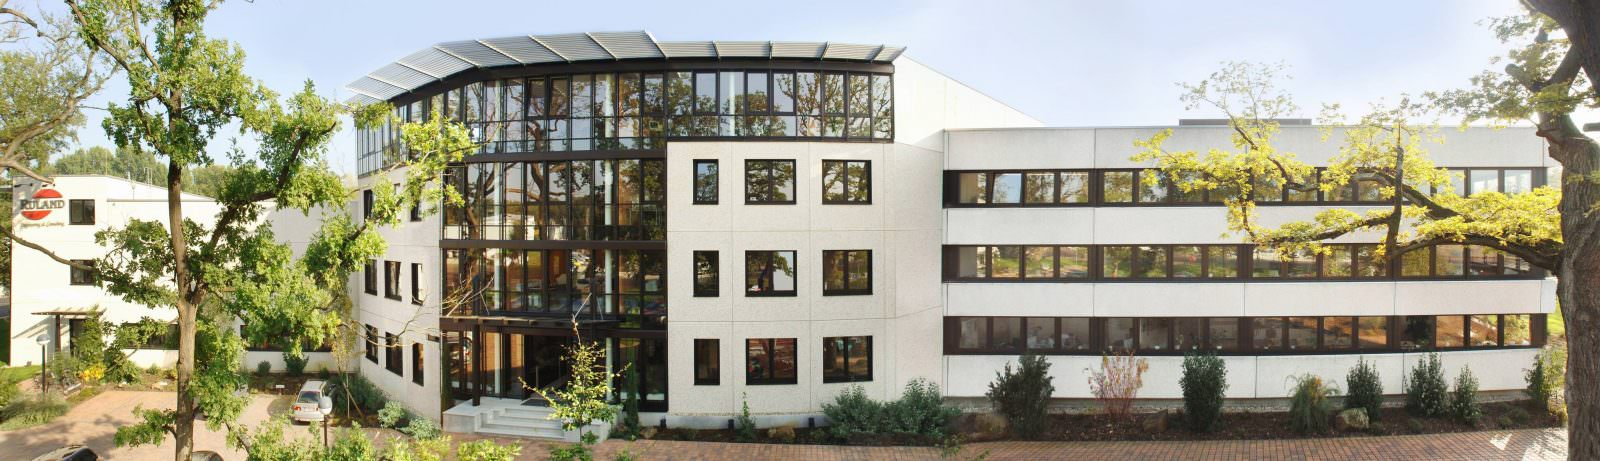 Hauptgebäude Ruland Engineering & Consuling